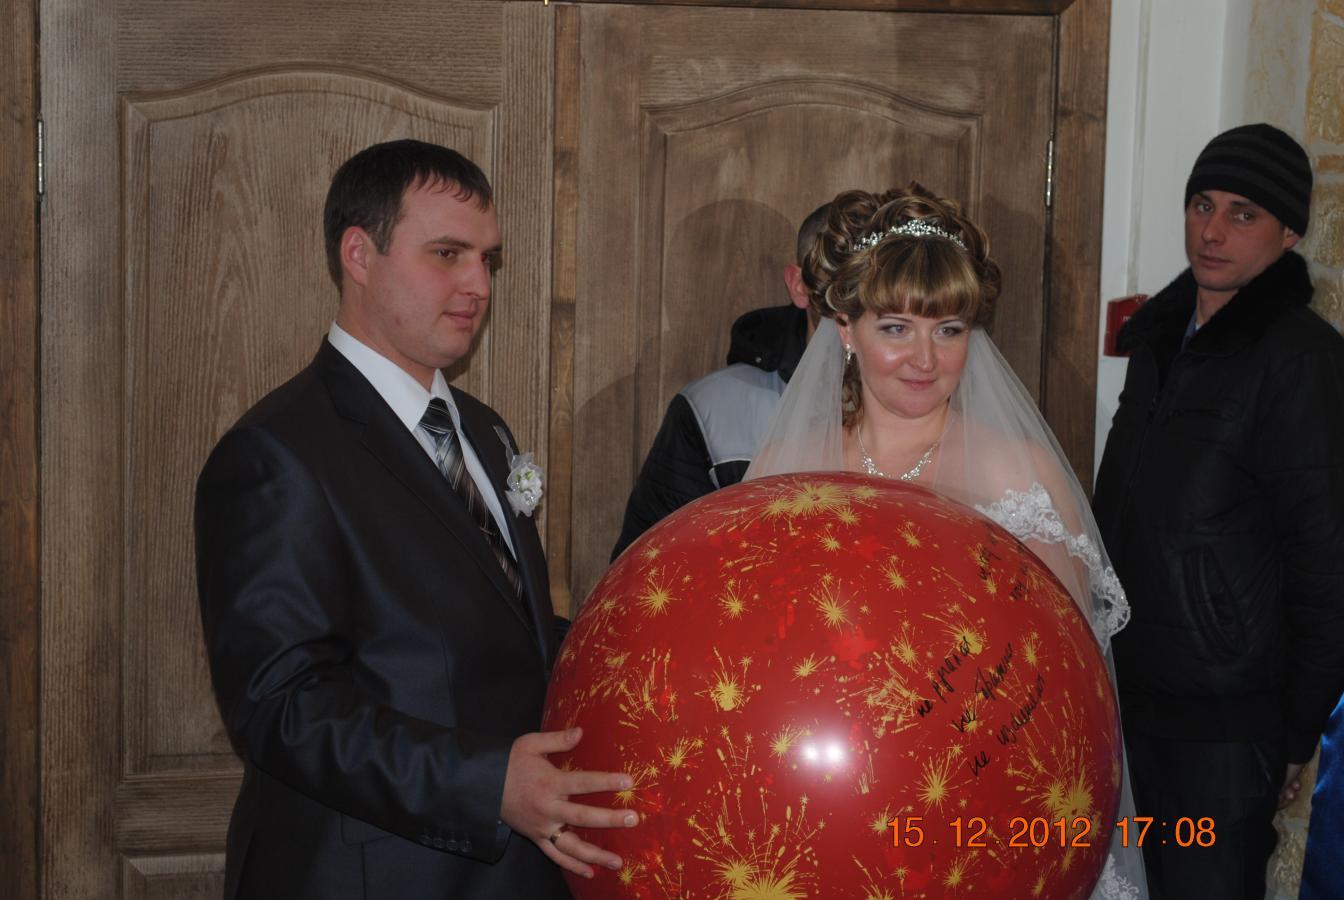 Сюрприз для невесты и сюрприз для жениха